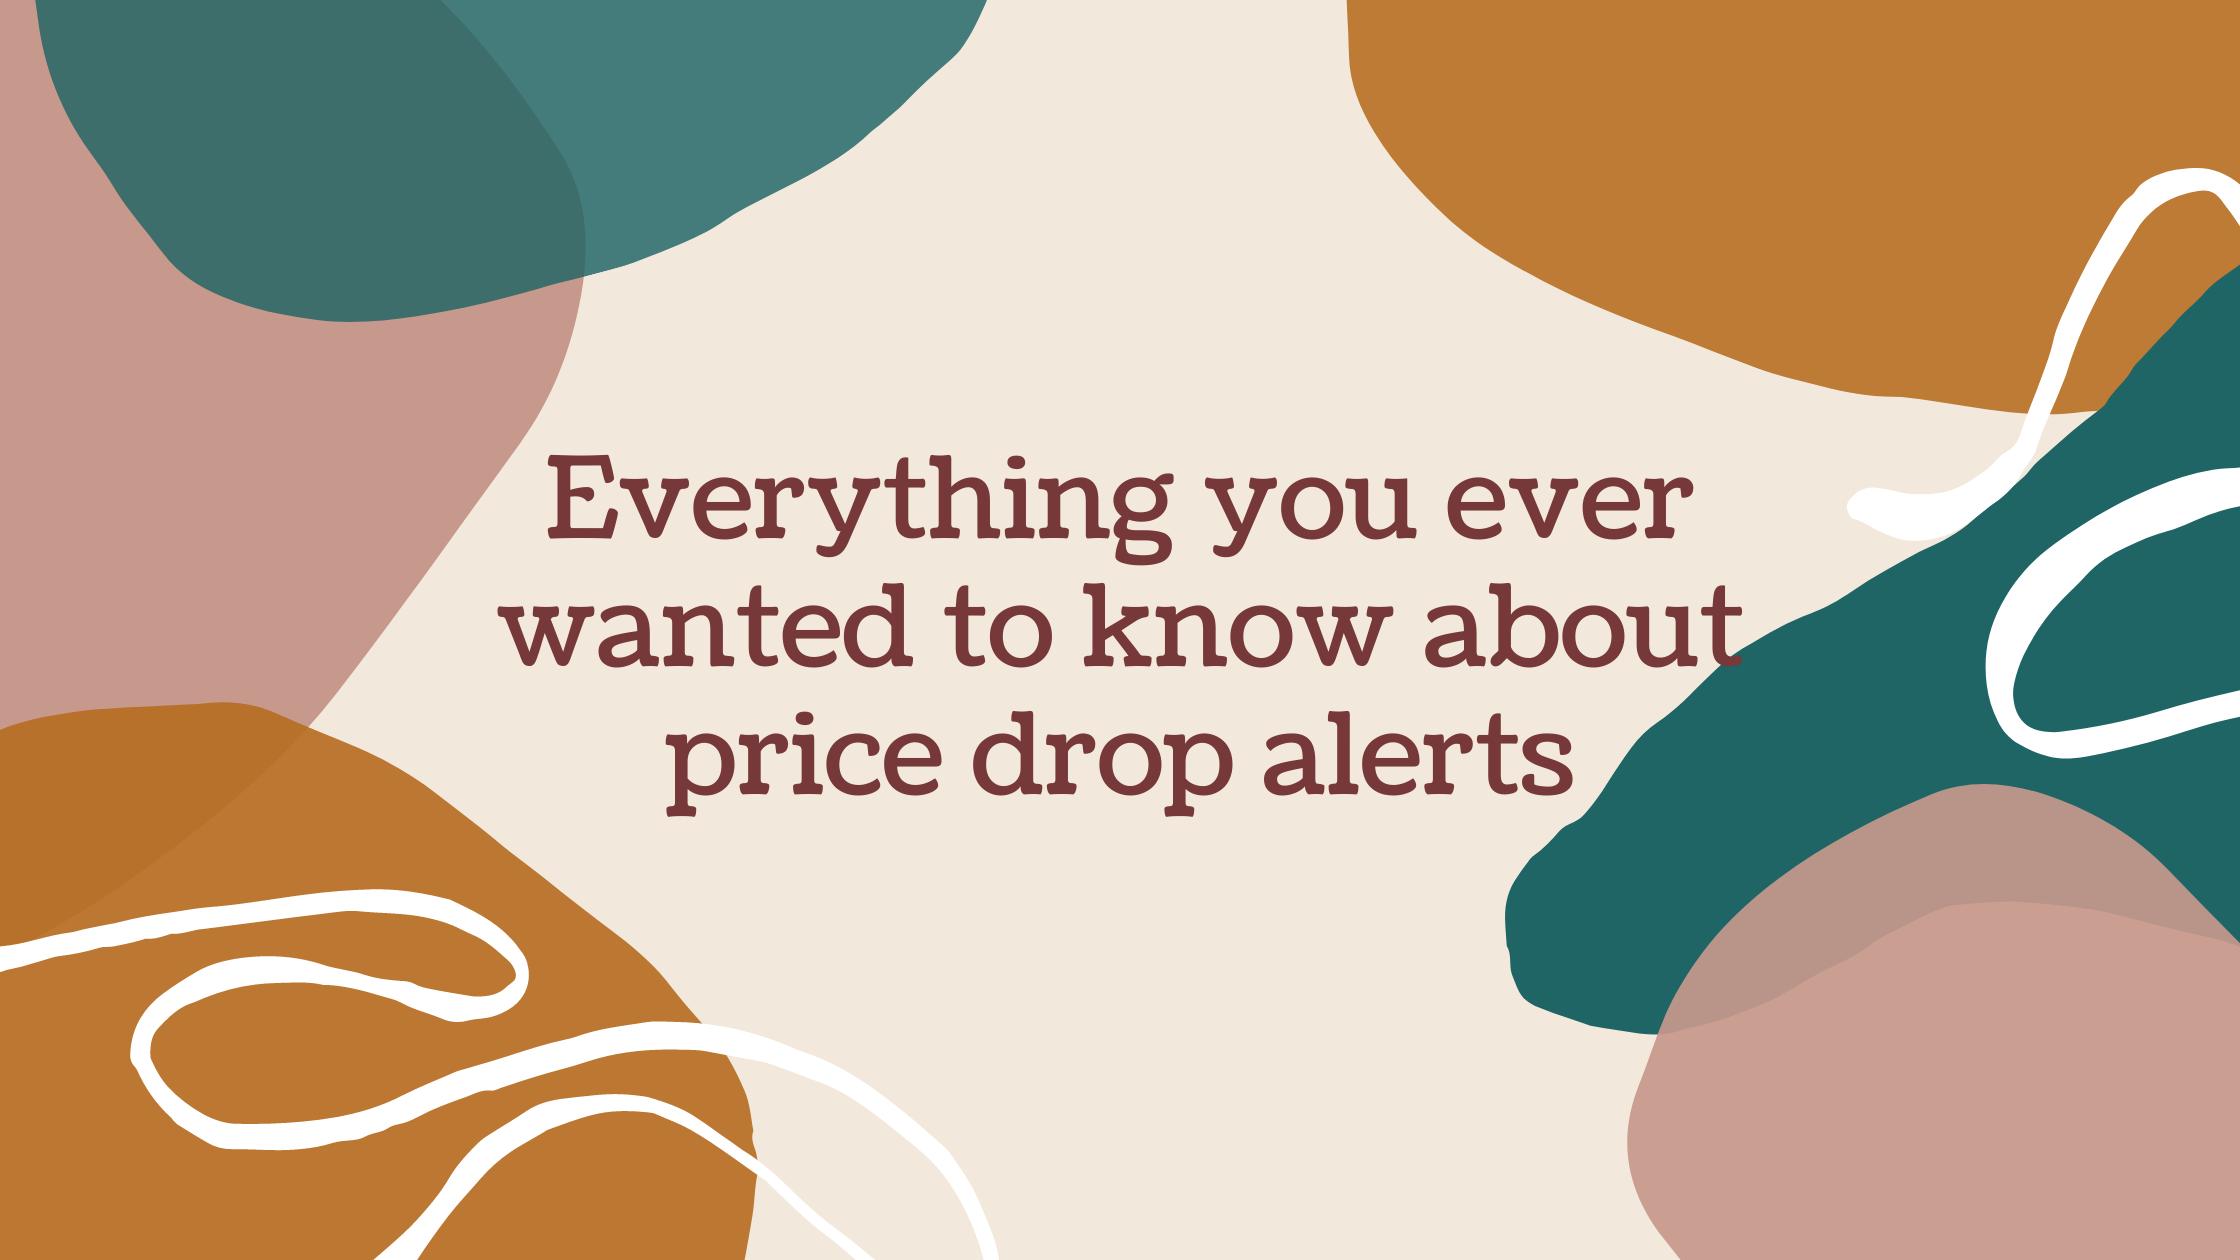 Price Drop Alert Guide